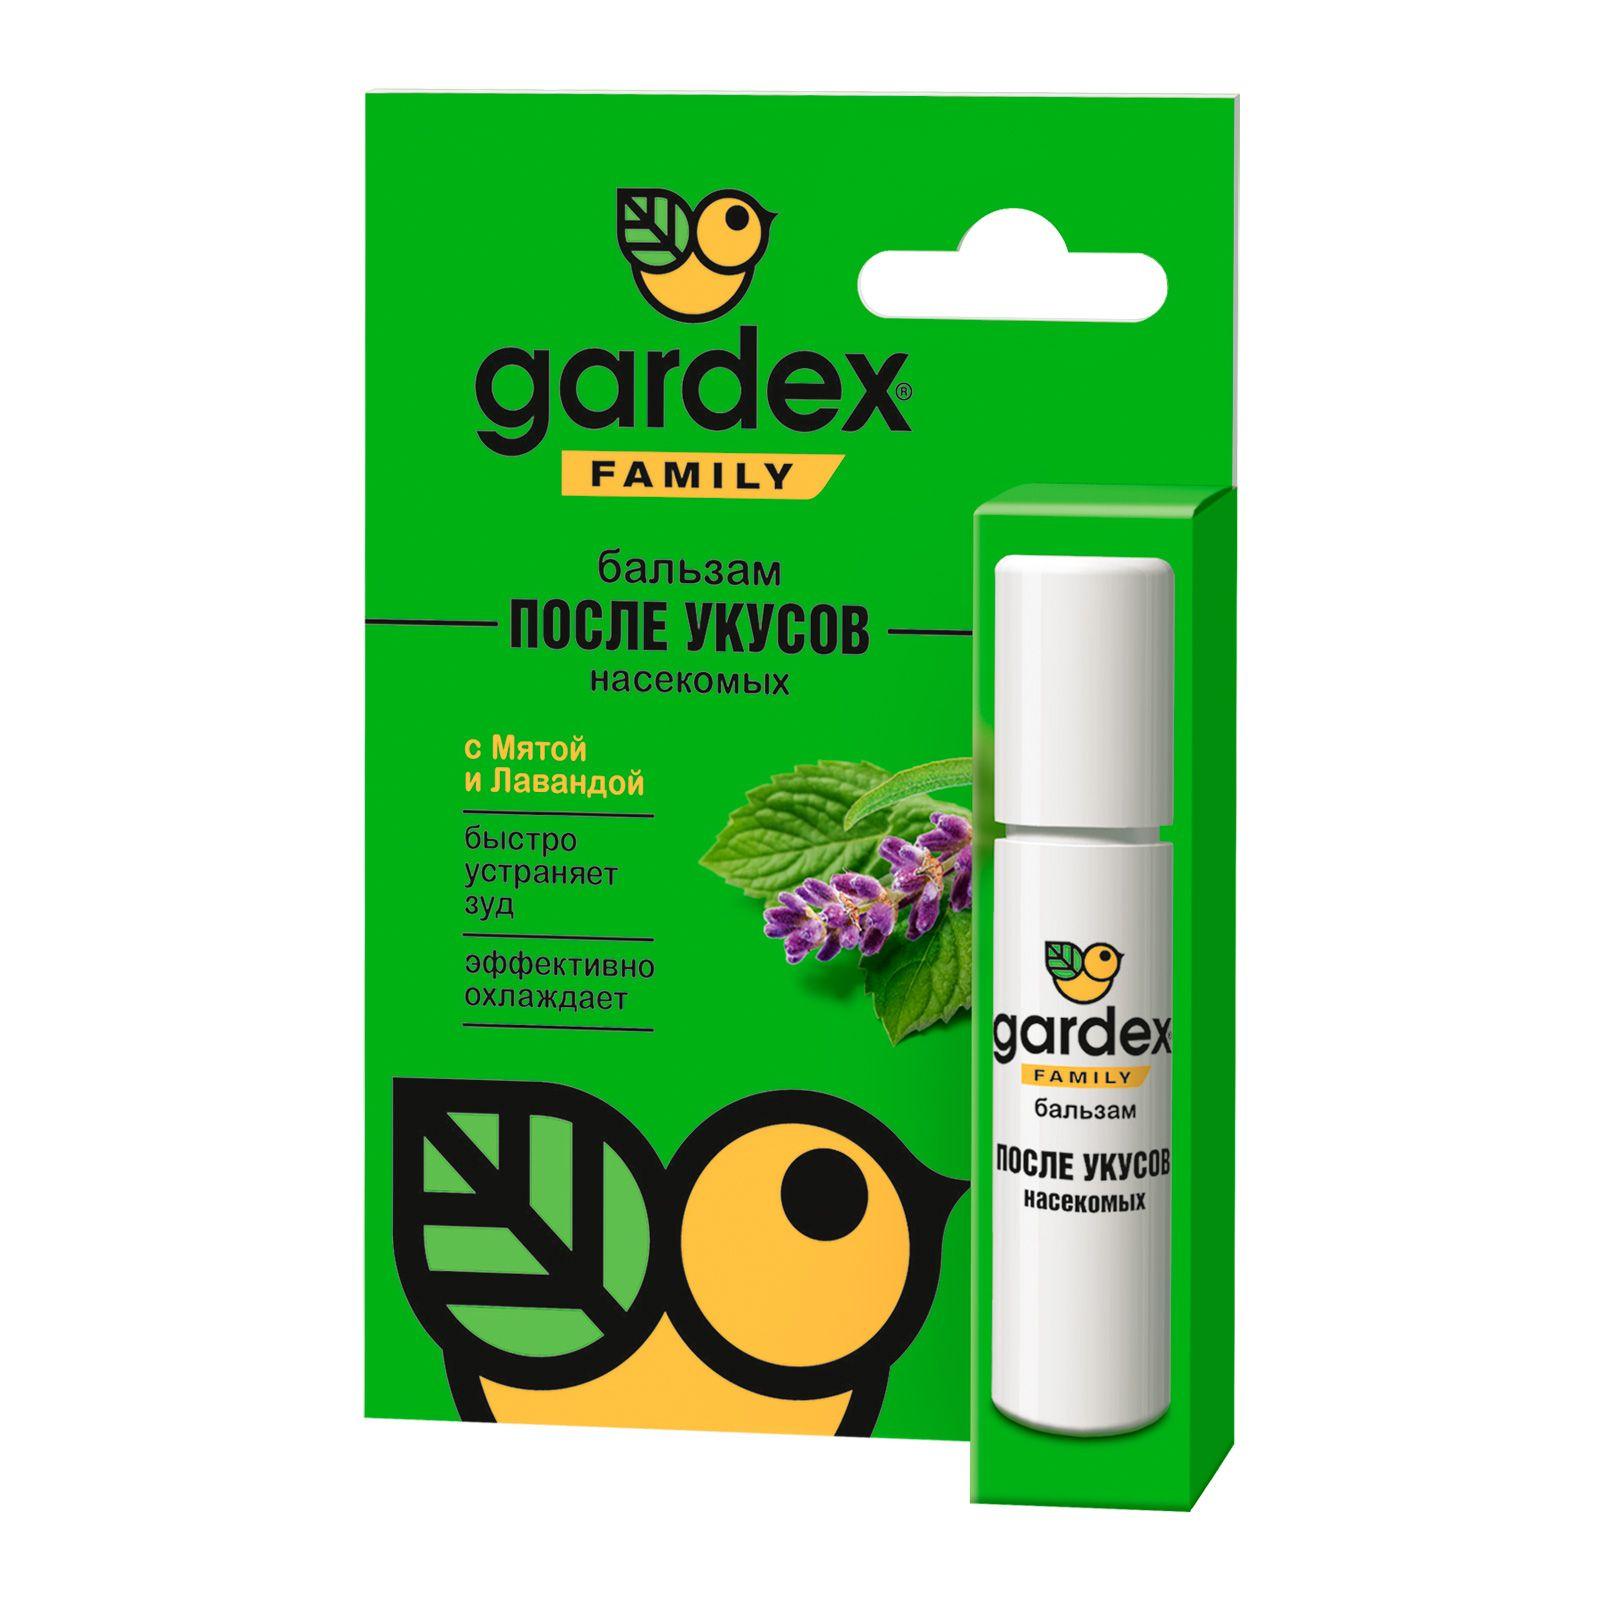 фото упаковки Gardex Family Бальзам после укусов